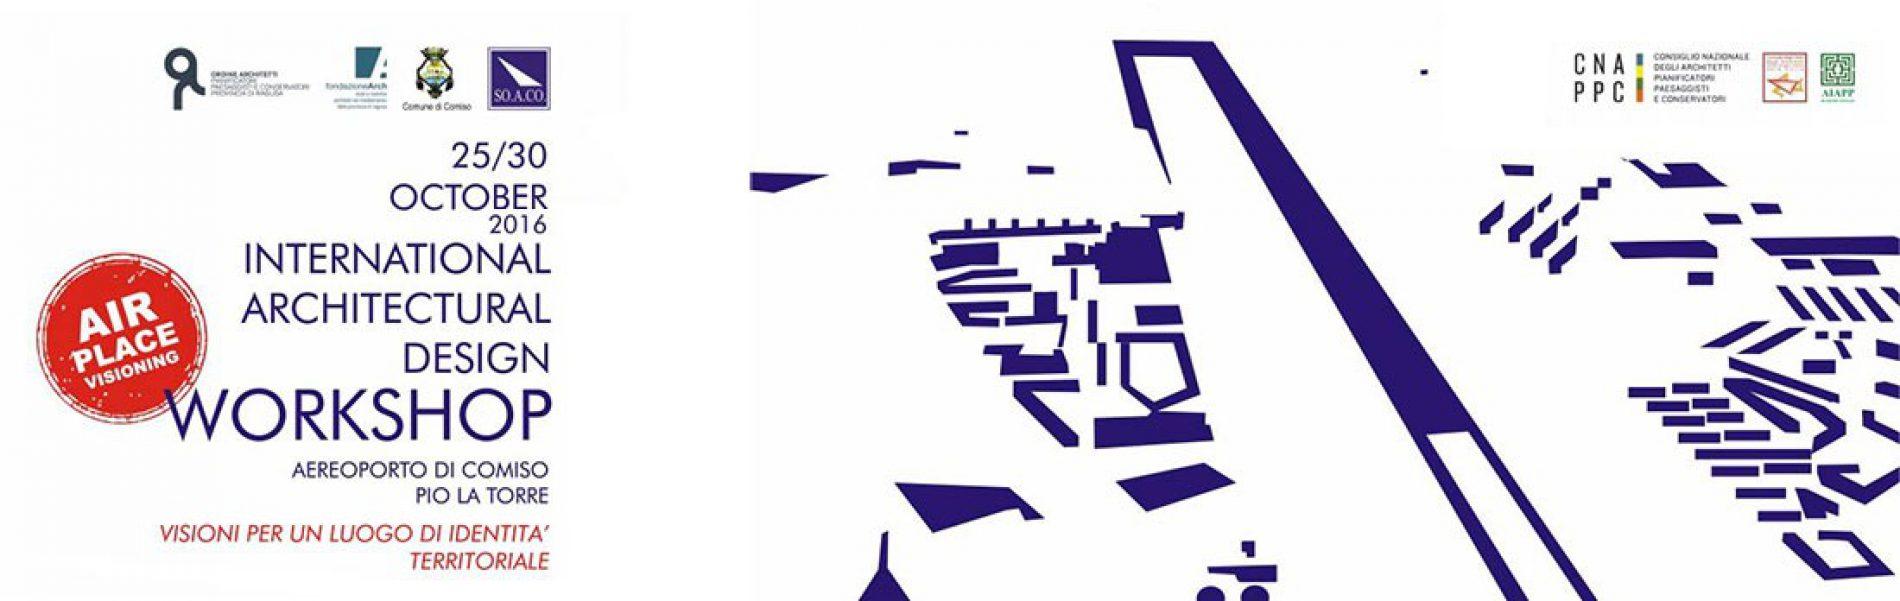 Workshop internazionale sull'aeroporto di Comiso